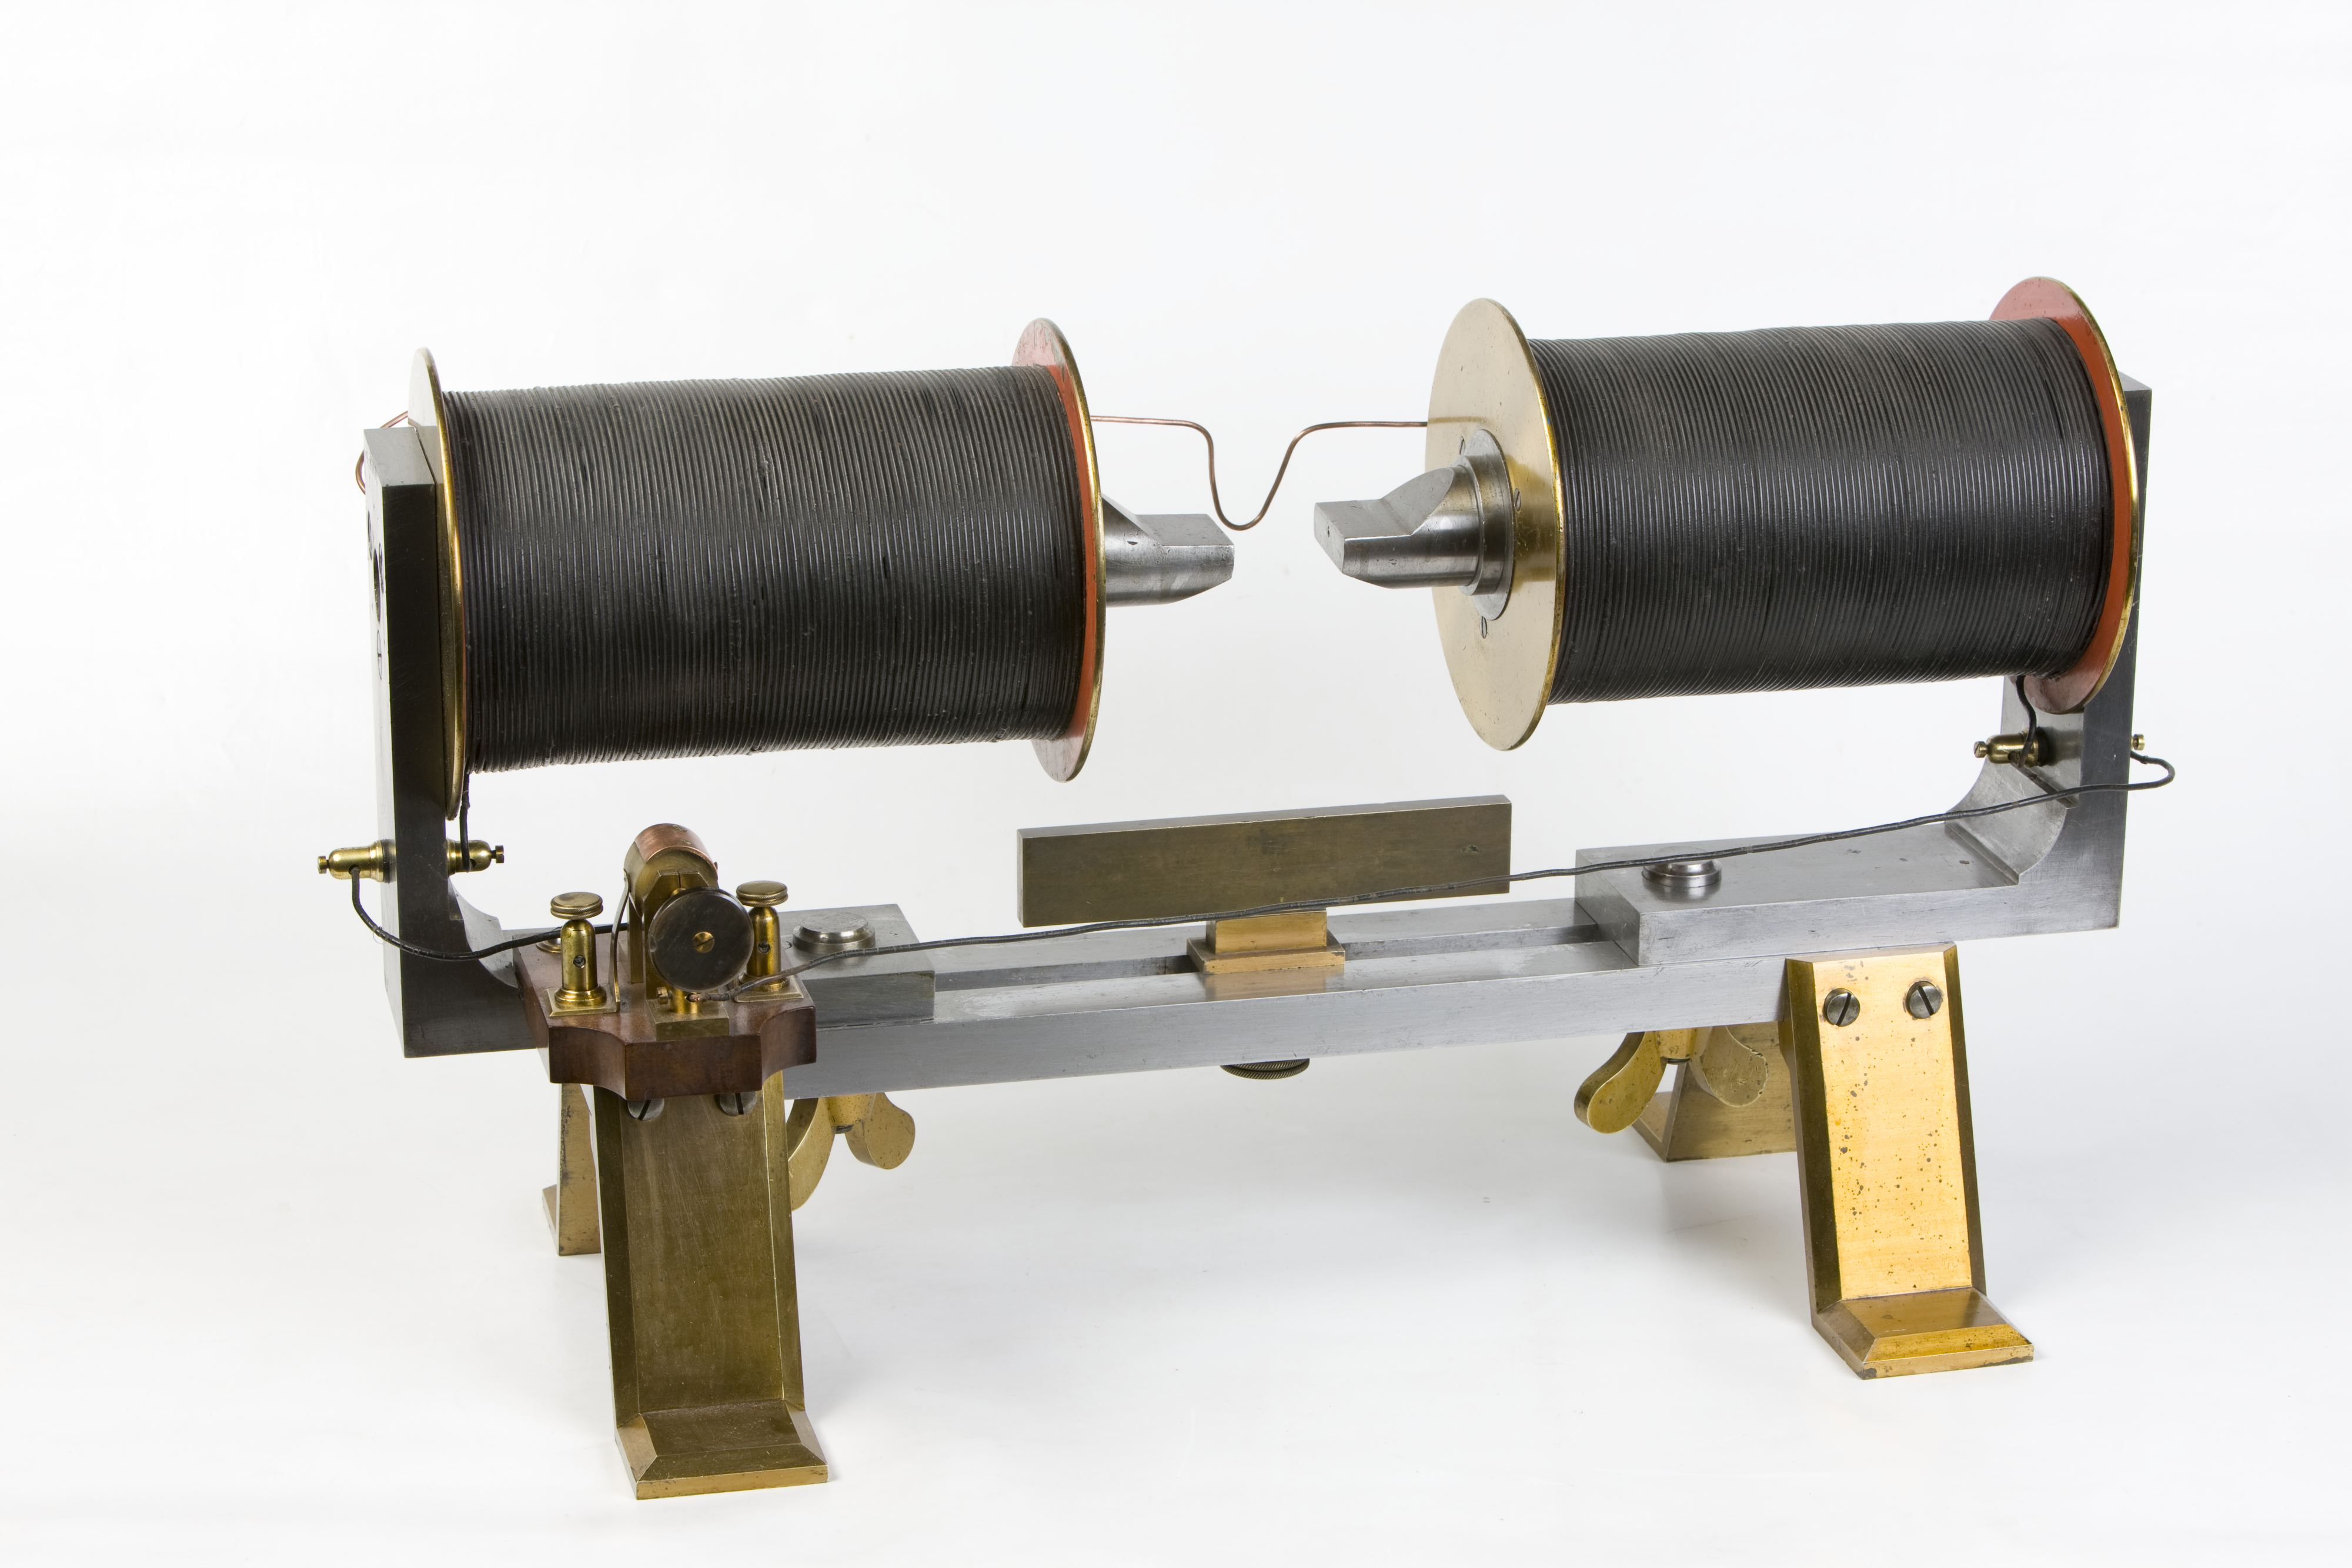 11- Elettromagnete di Ruhmkorff per le esperienze di Faraday sulle proprietà magnetiche dei materiali e sull'effetto magneto ottico